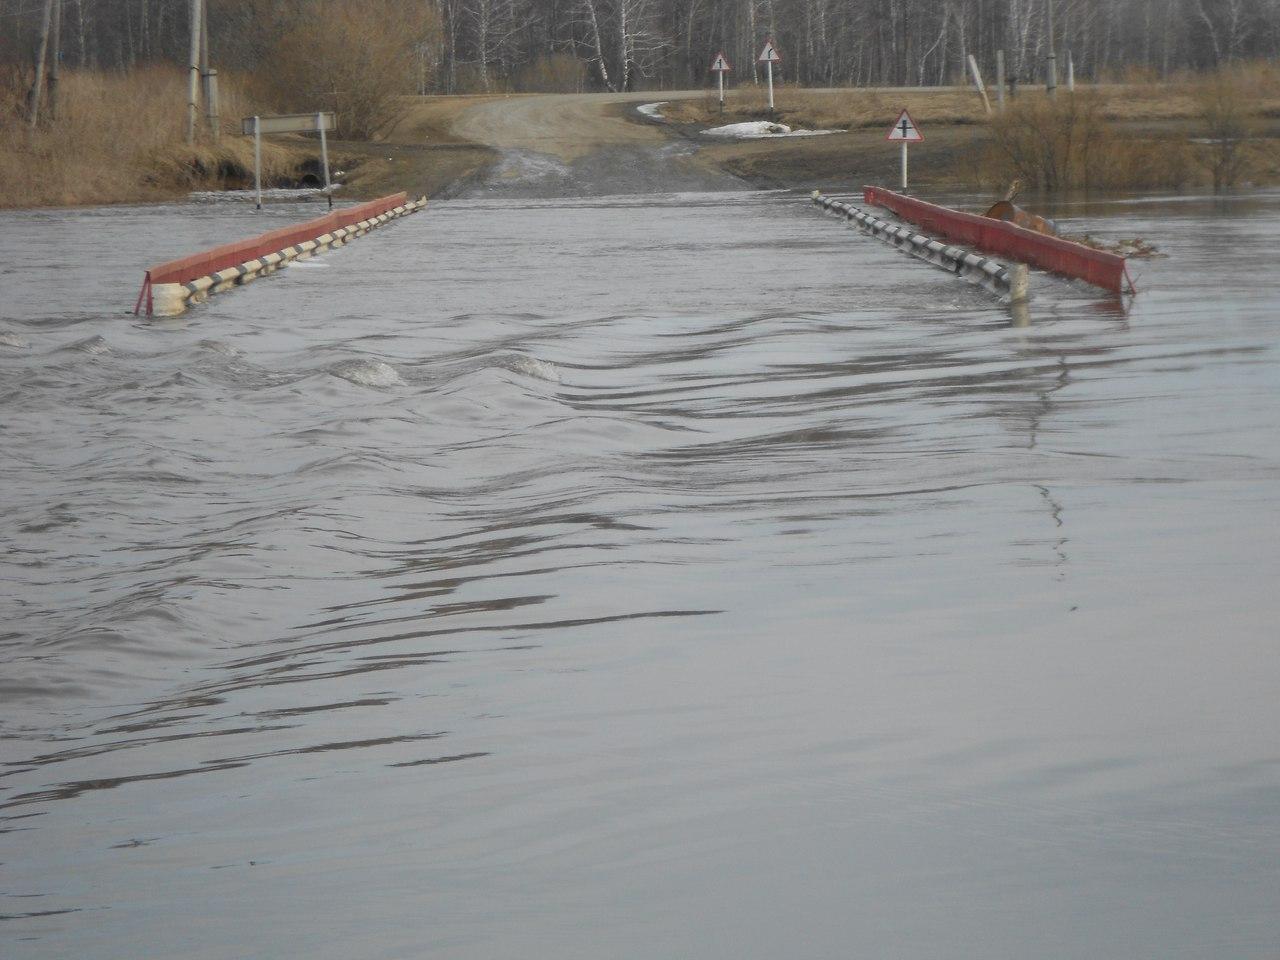 Режим ЧС из-за паводка сохраняется в шести муниципалитетах 3